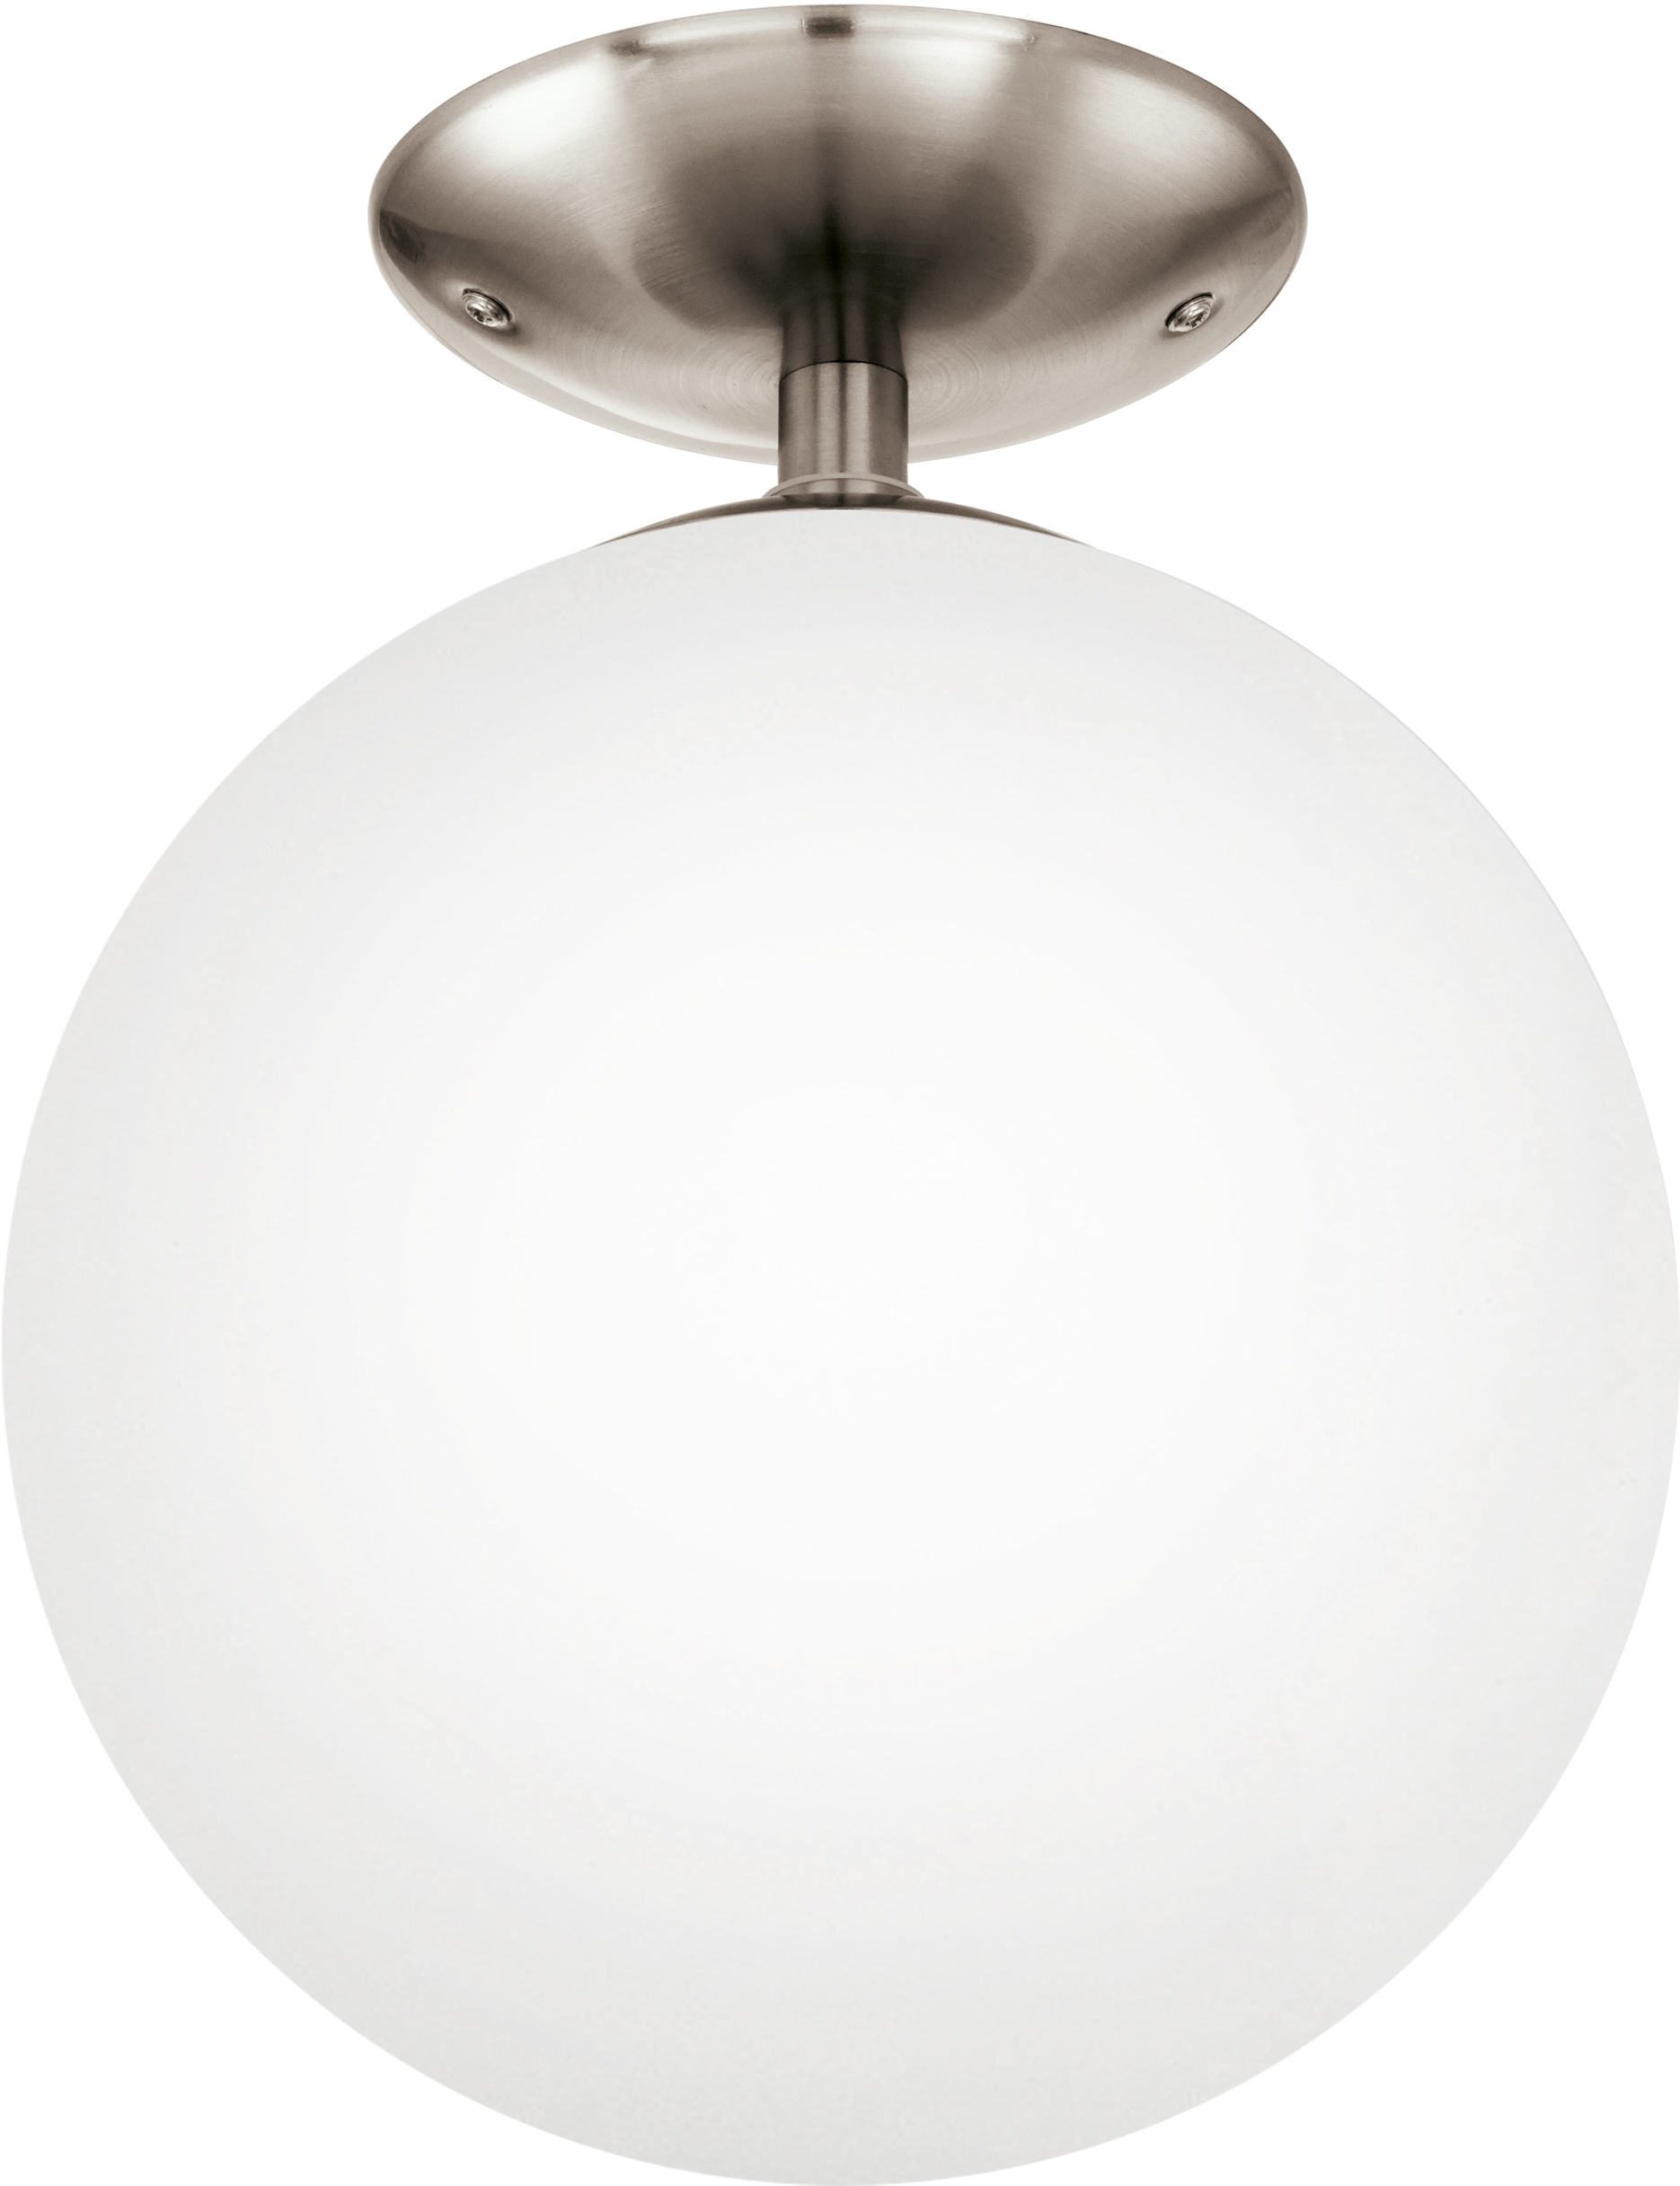 EGLO Deckenleuchte RONDO, E27, Deckenlampe